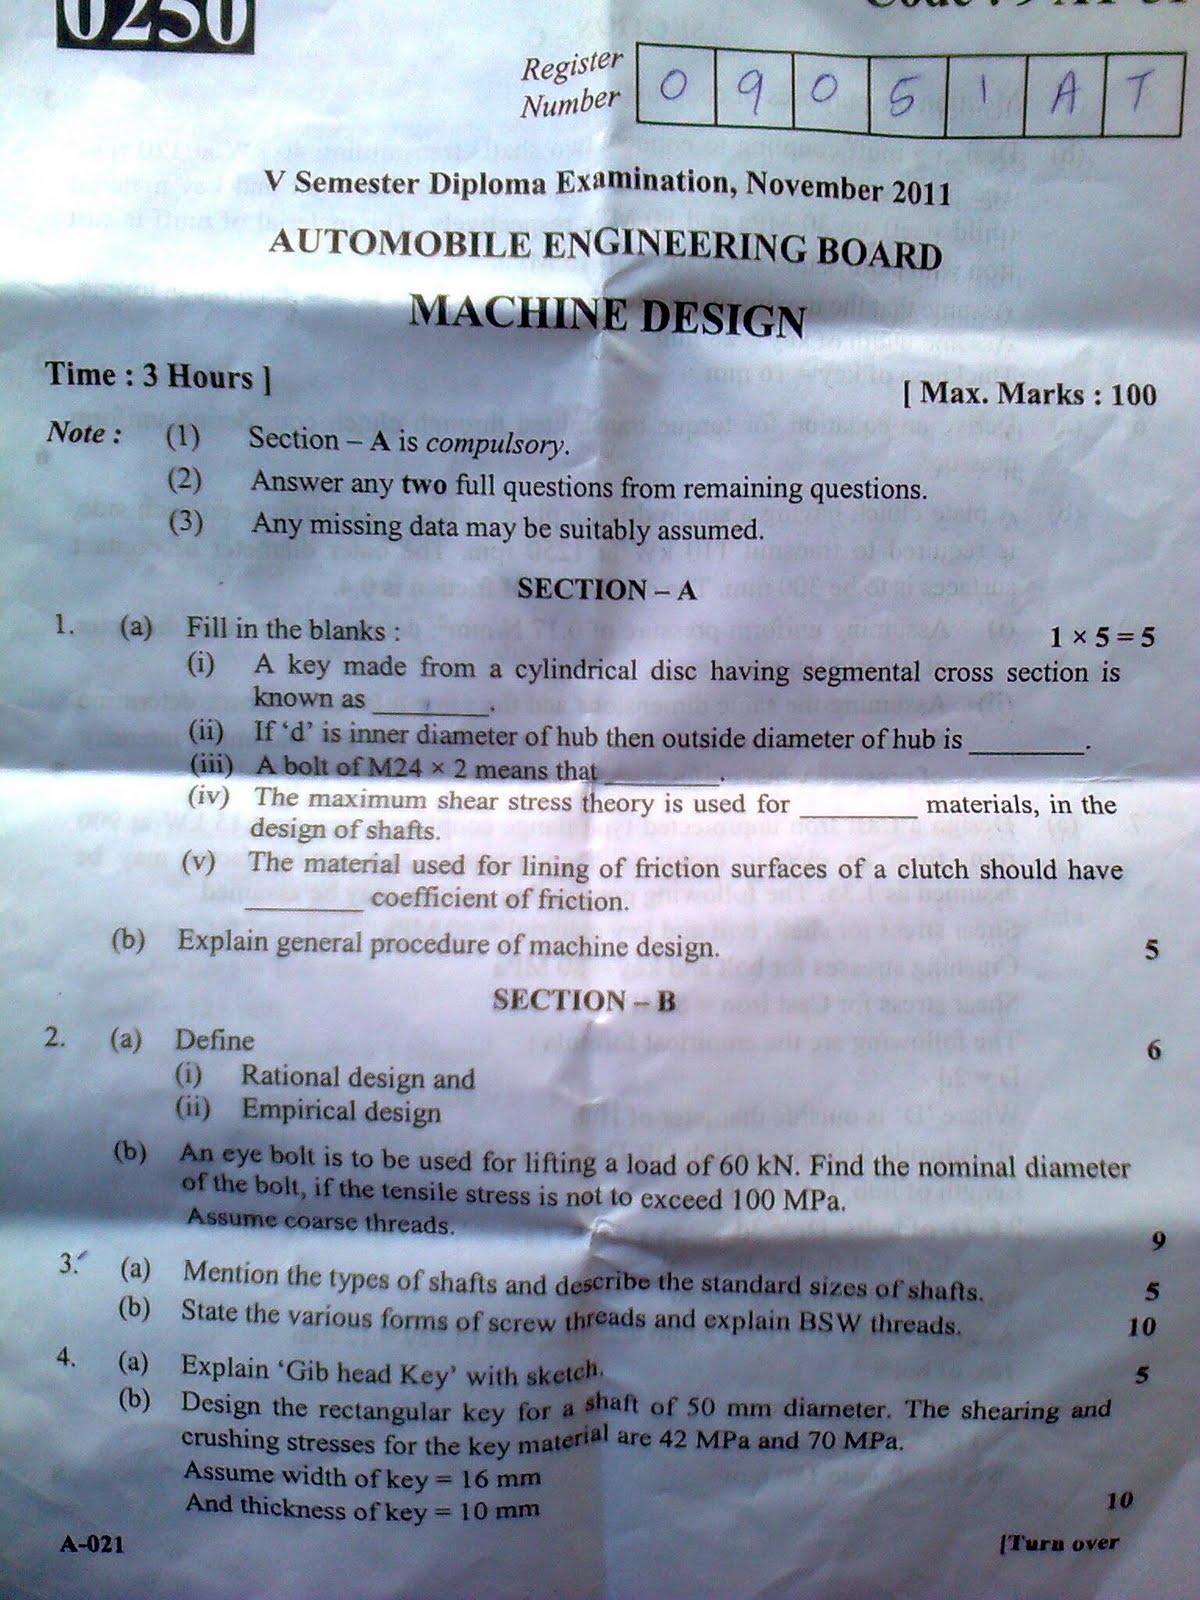 Machine designer sample resume